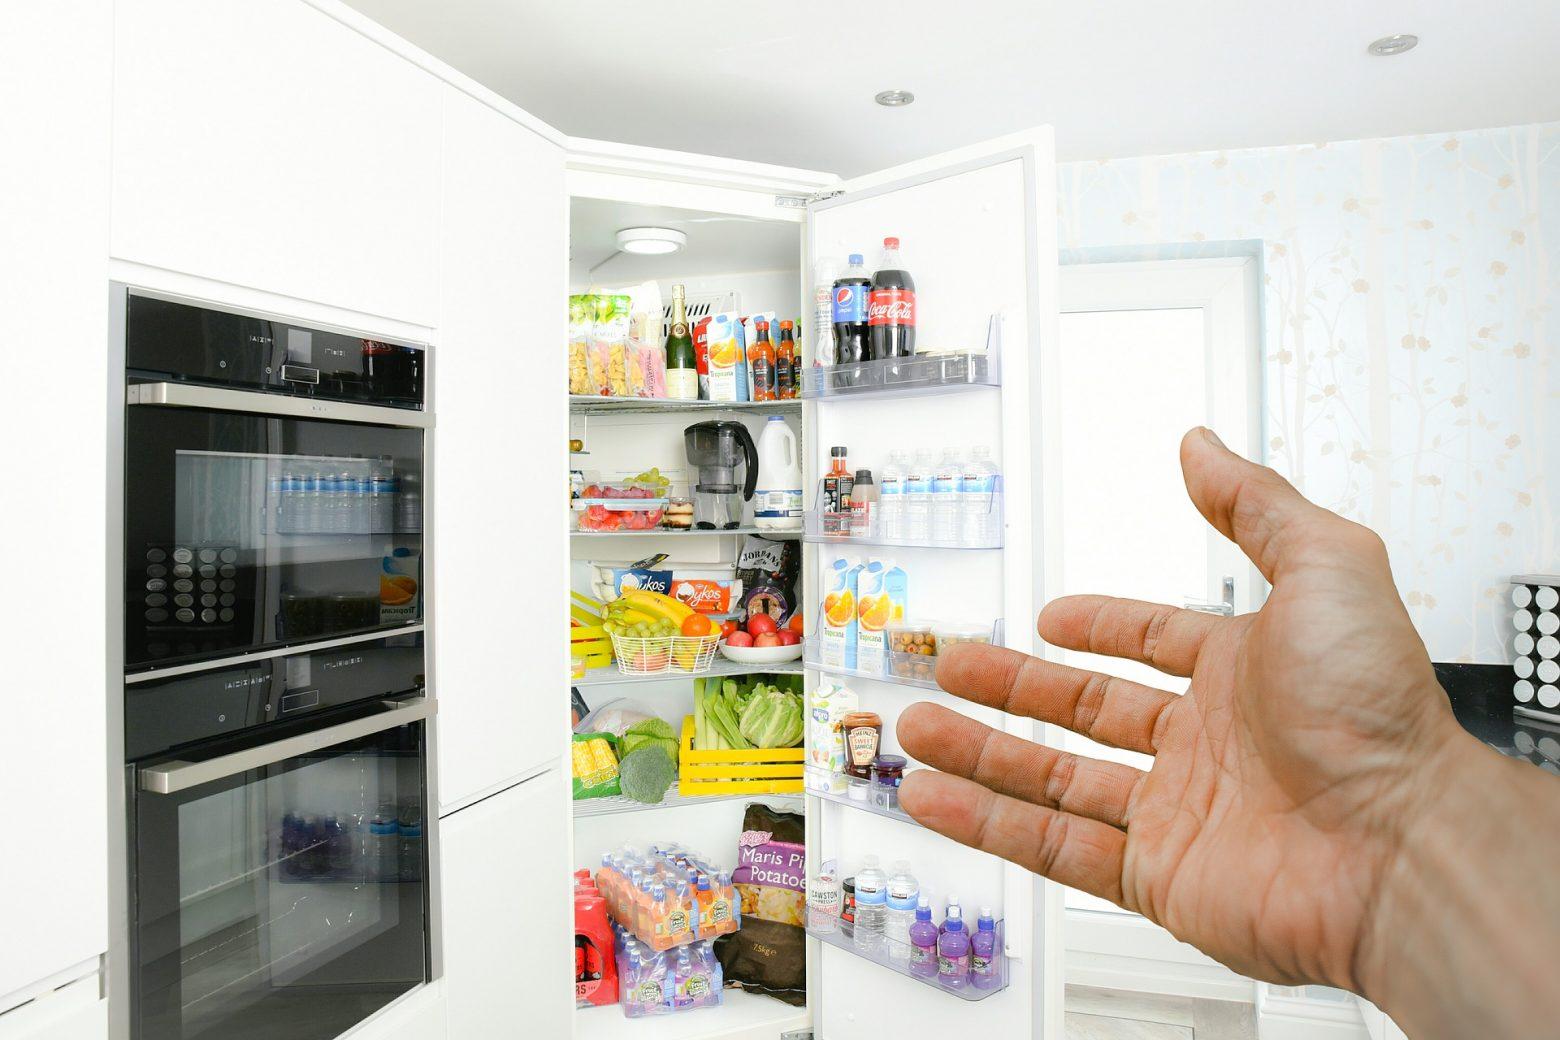 Curso a arte de consertar geladeira